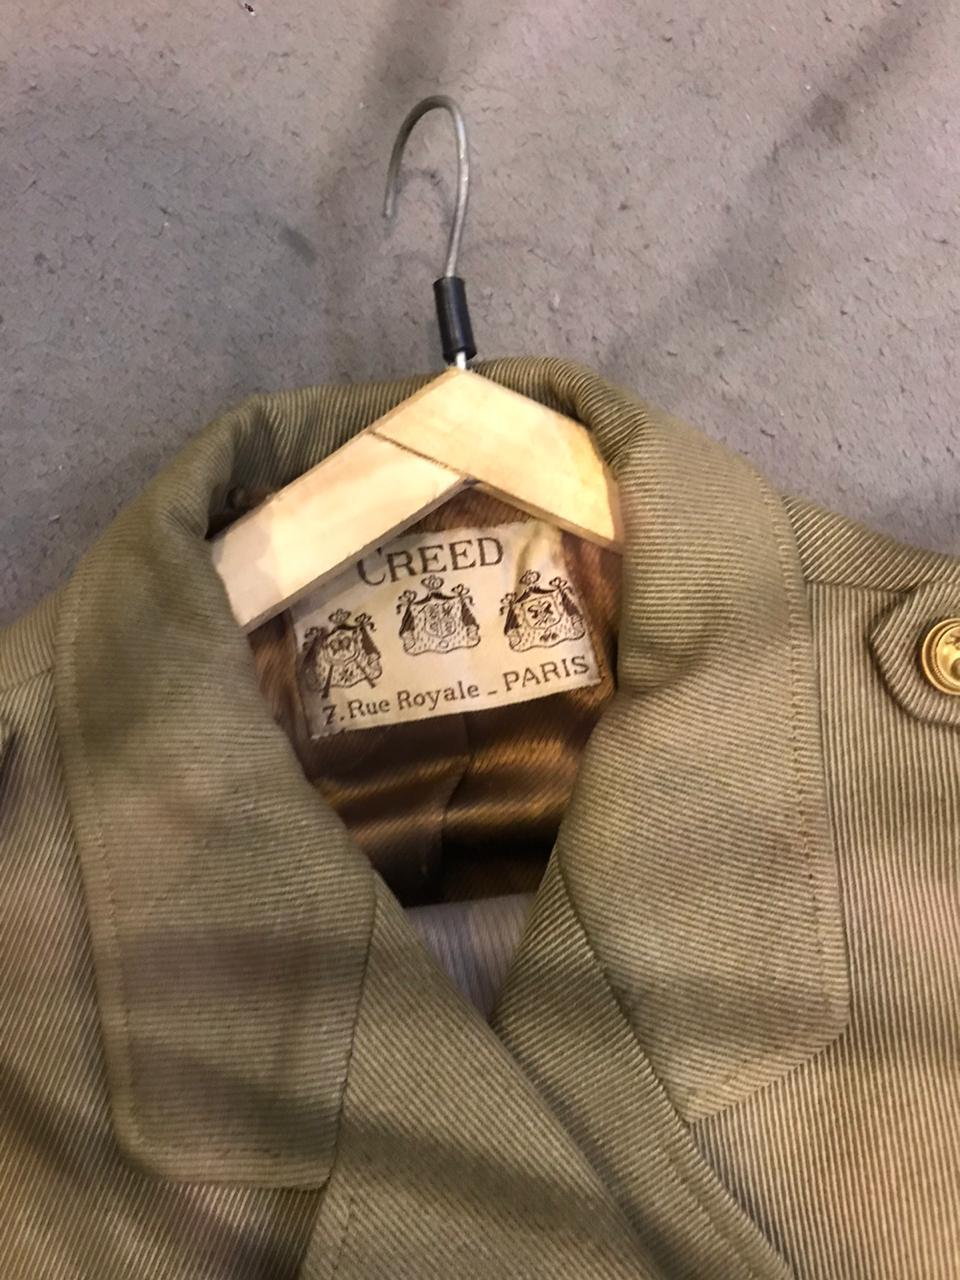 uniforme francais 1939? Uni210